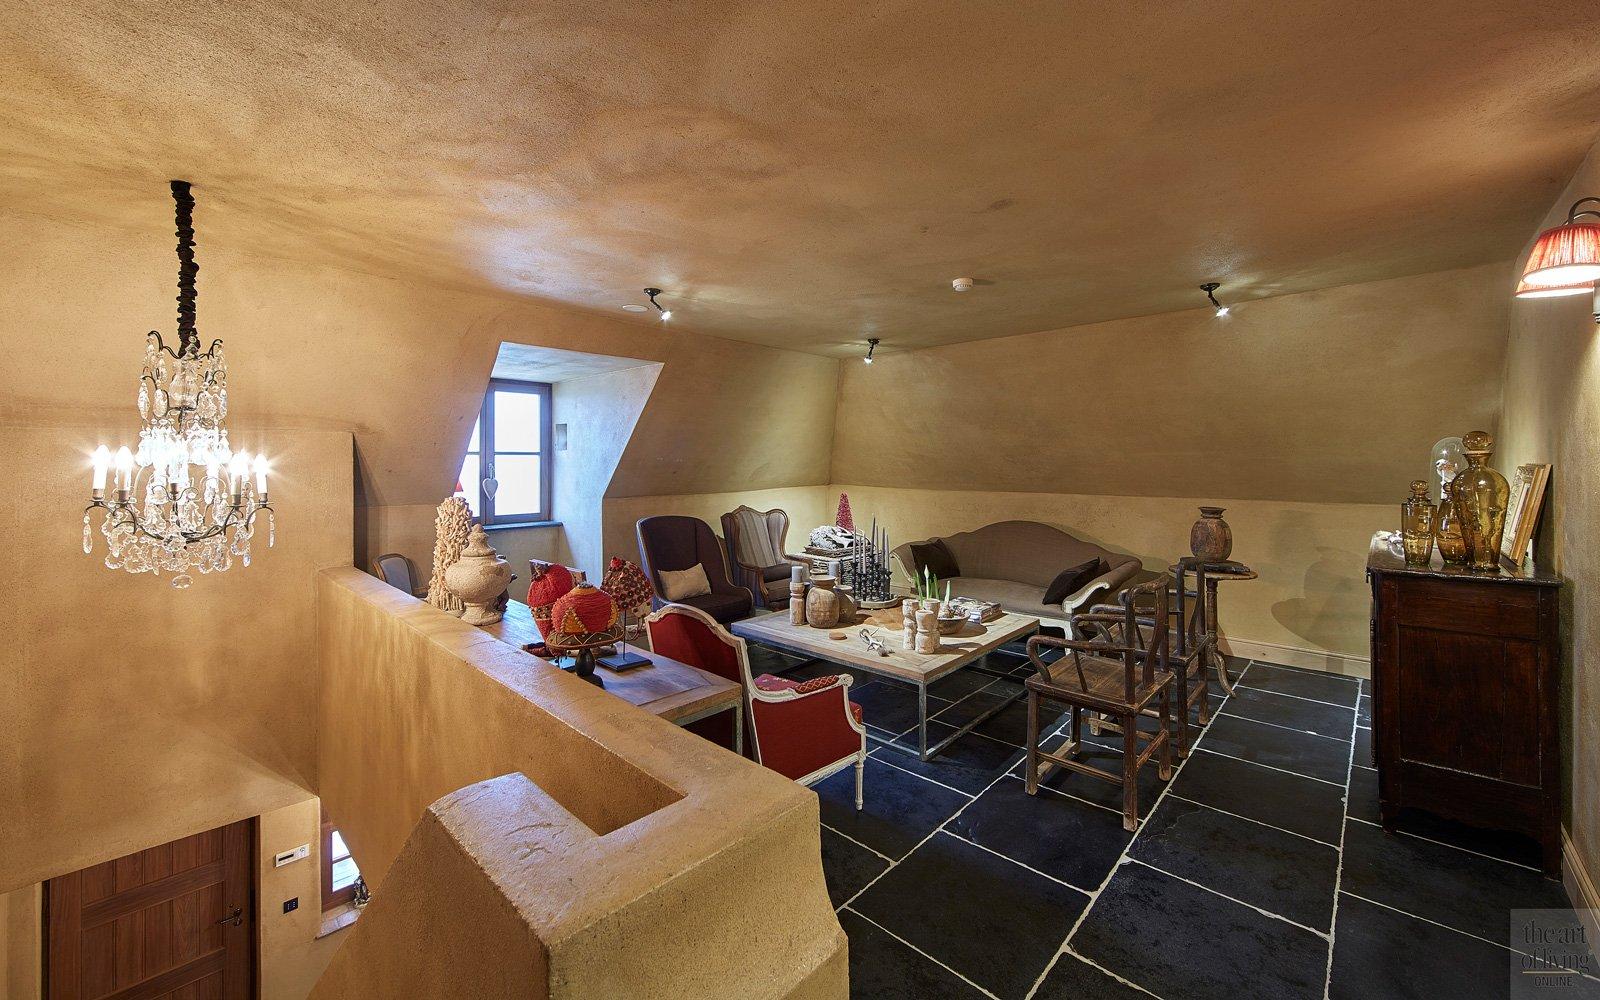 Franse terracotta vloer, zitruimte, gezelligheid en exclusiviteit